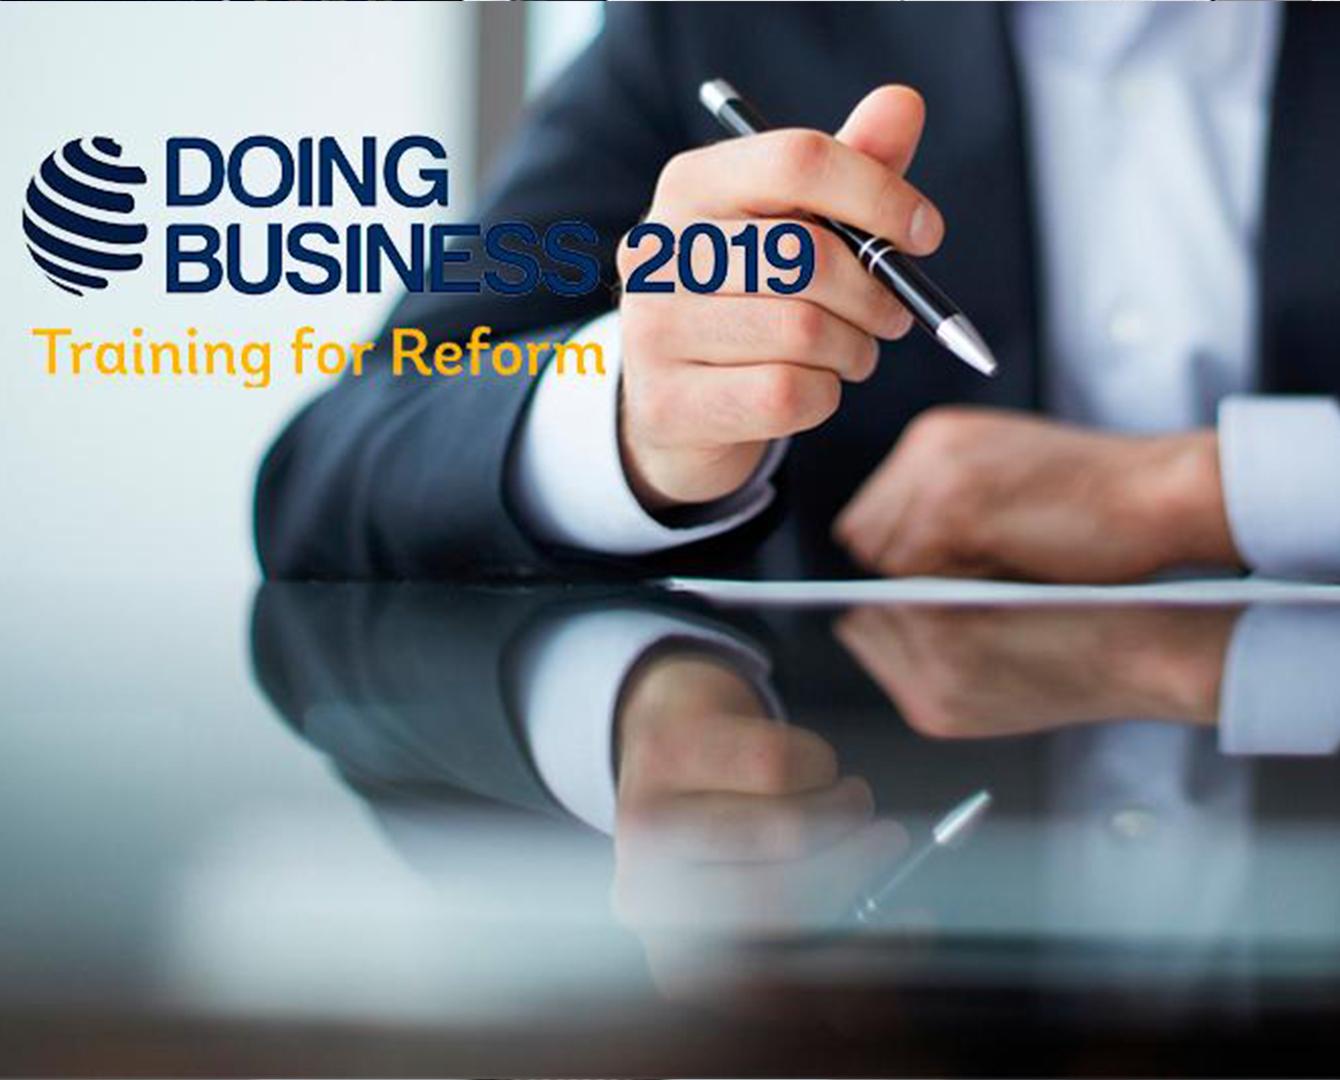 Казахстан поднялся на 8 позиций до 28-го места в рейтинге Doing Business